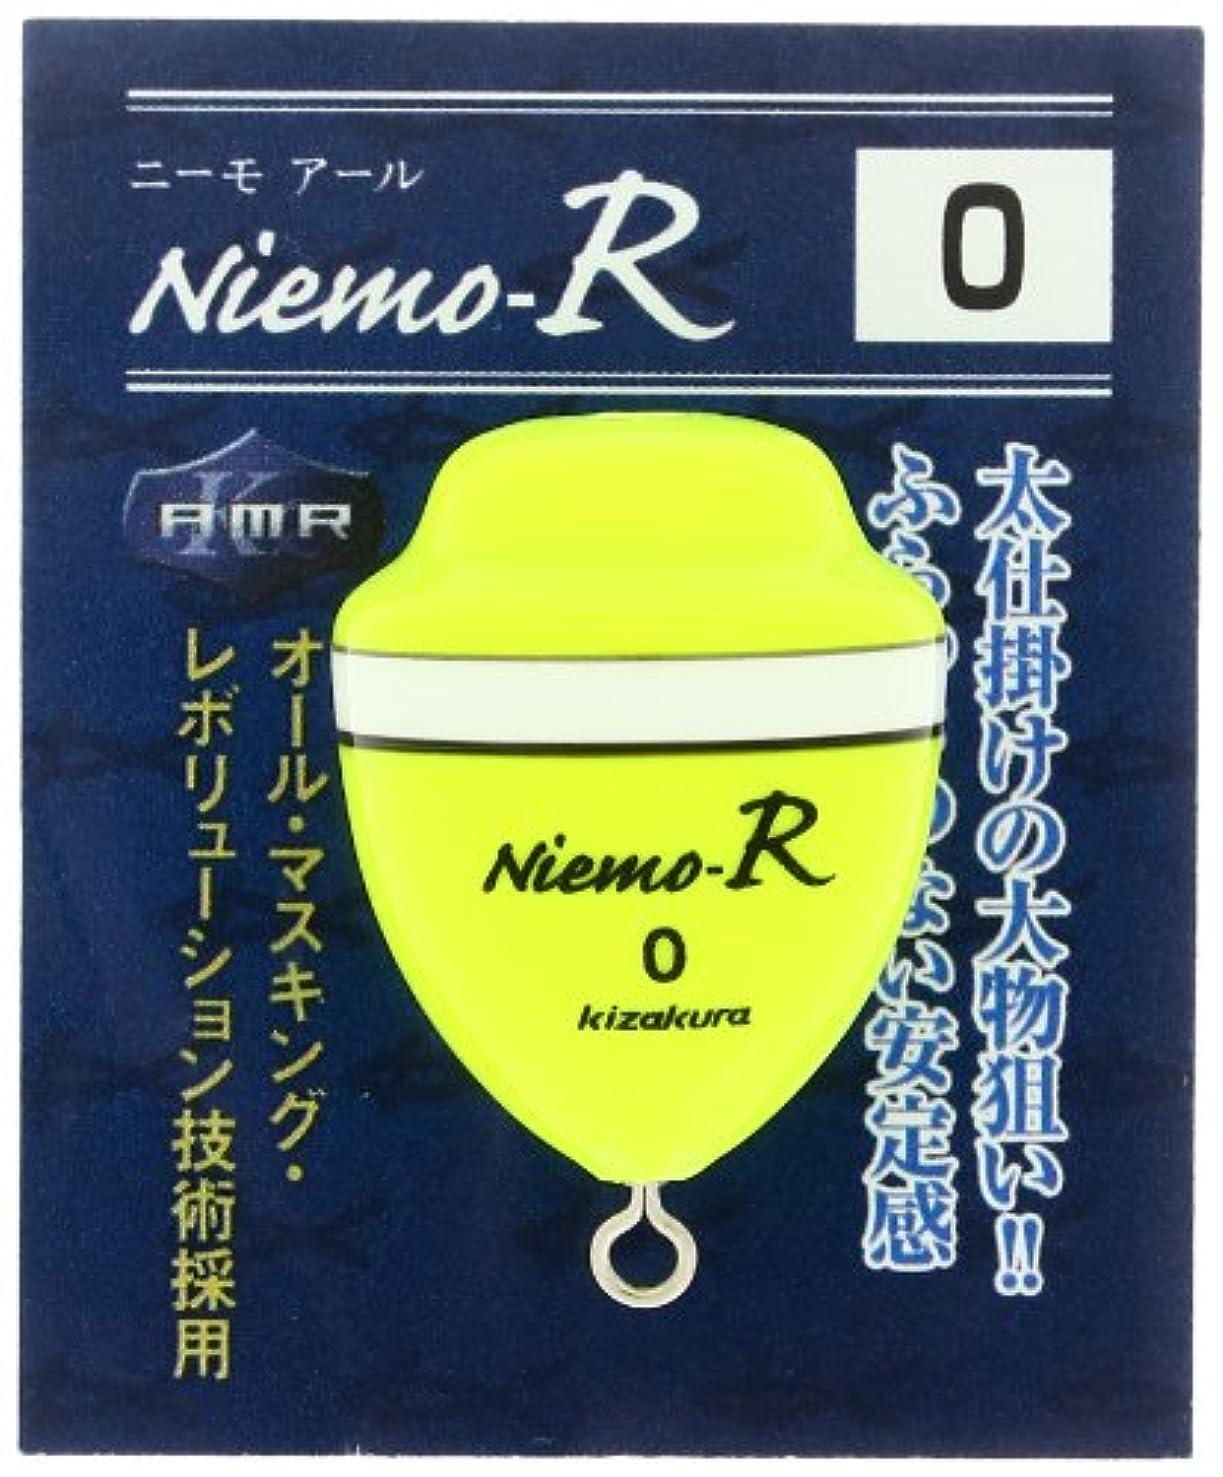 タイル適切なもろいキザクラ(kizakura) Niemo-R 0 ディープイエロー